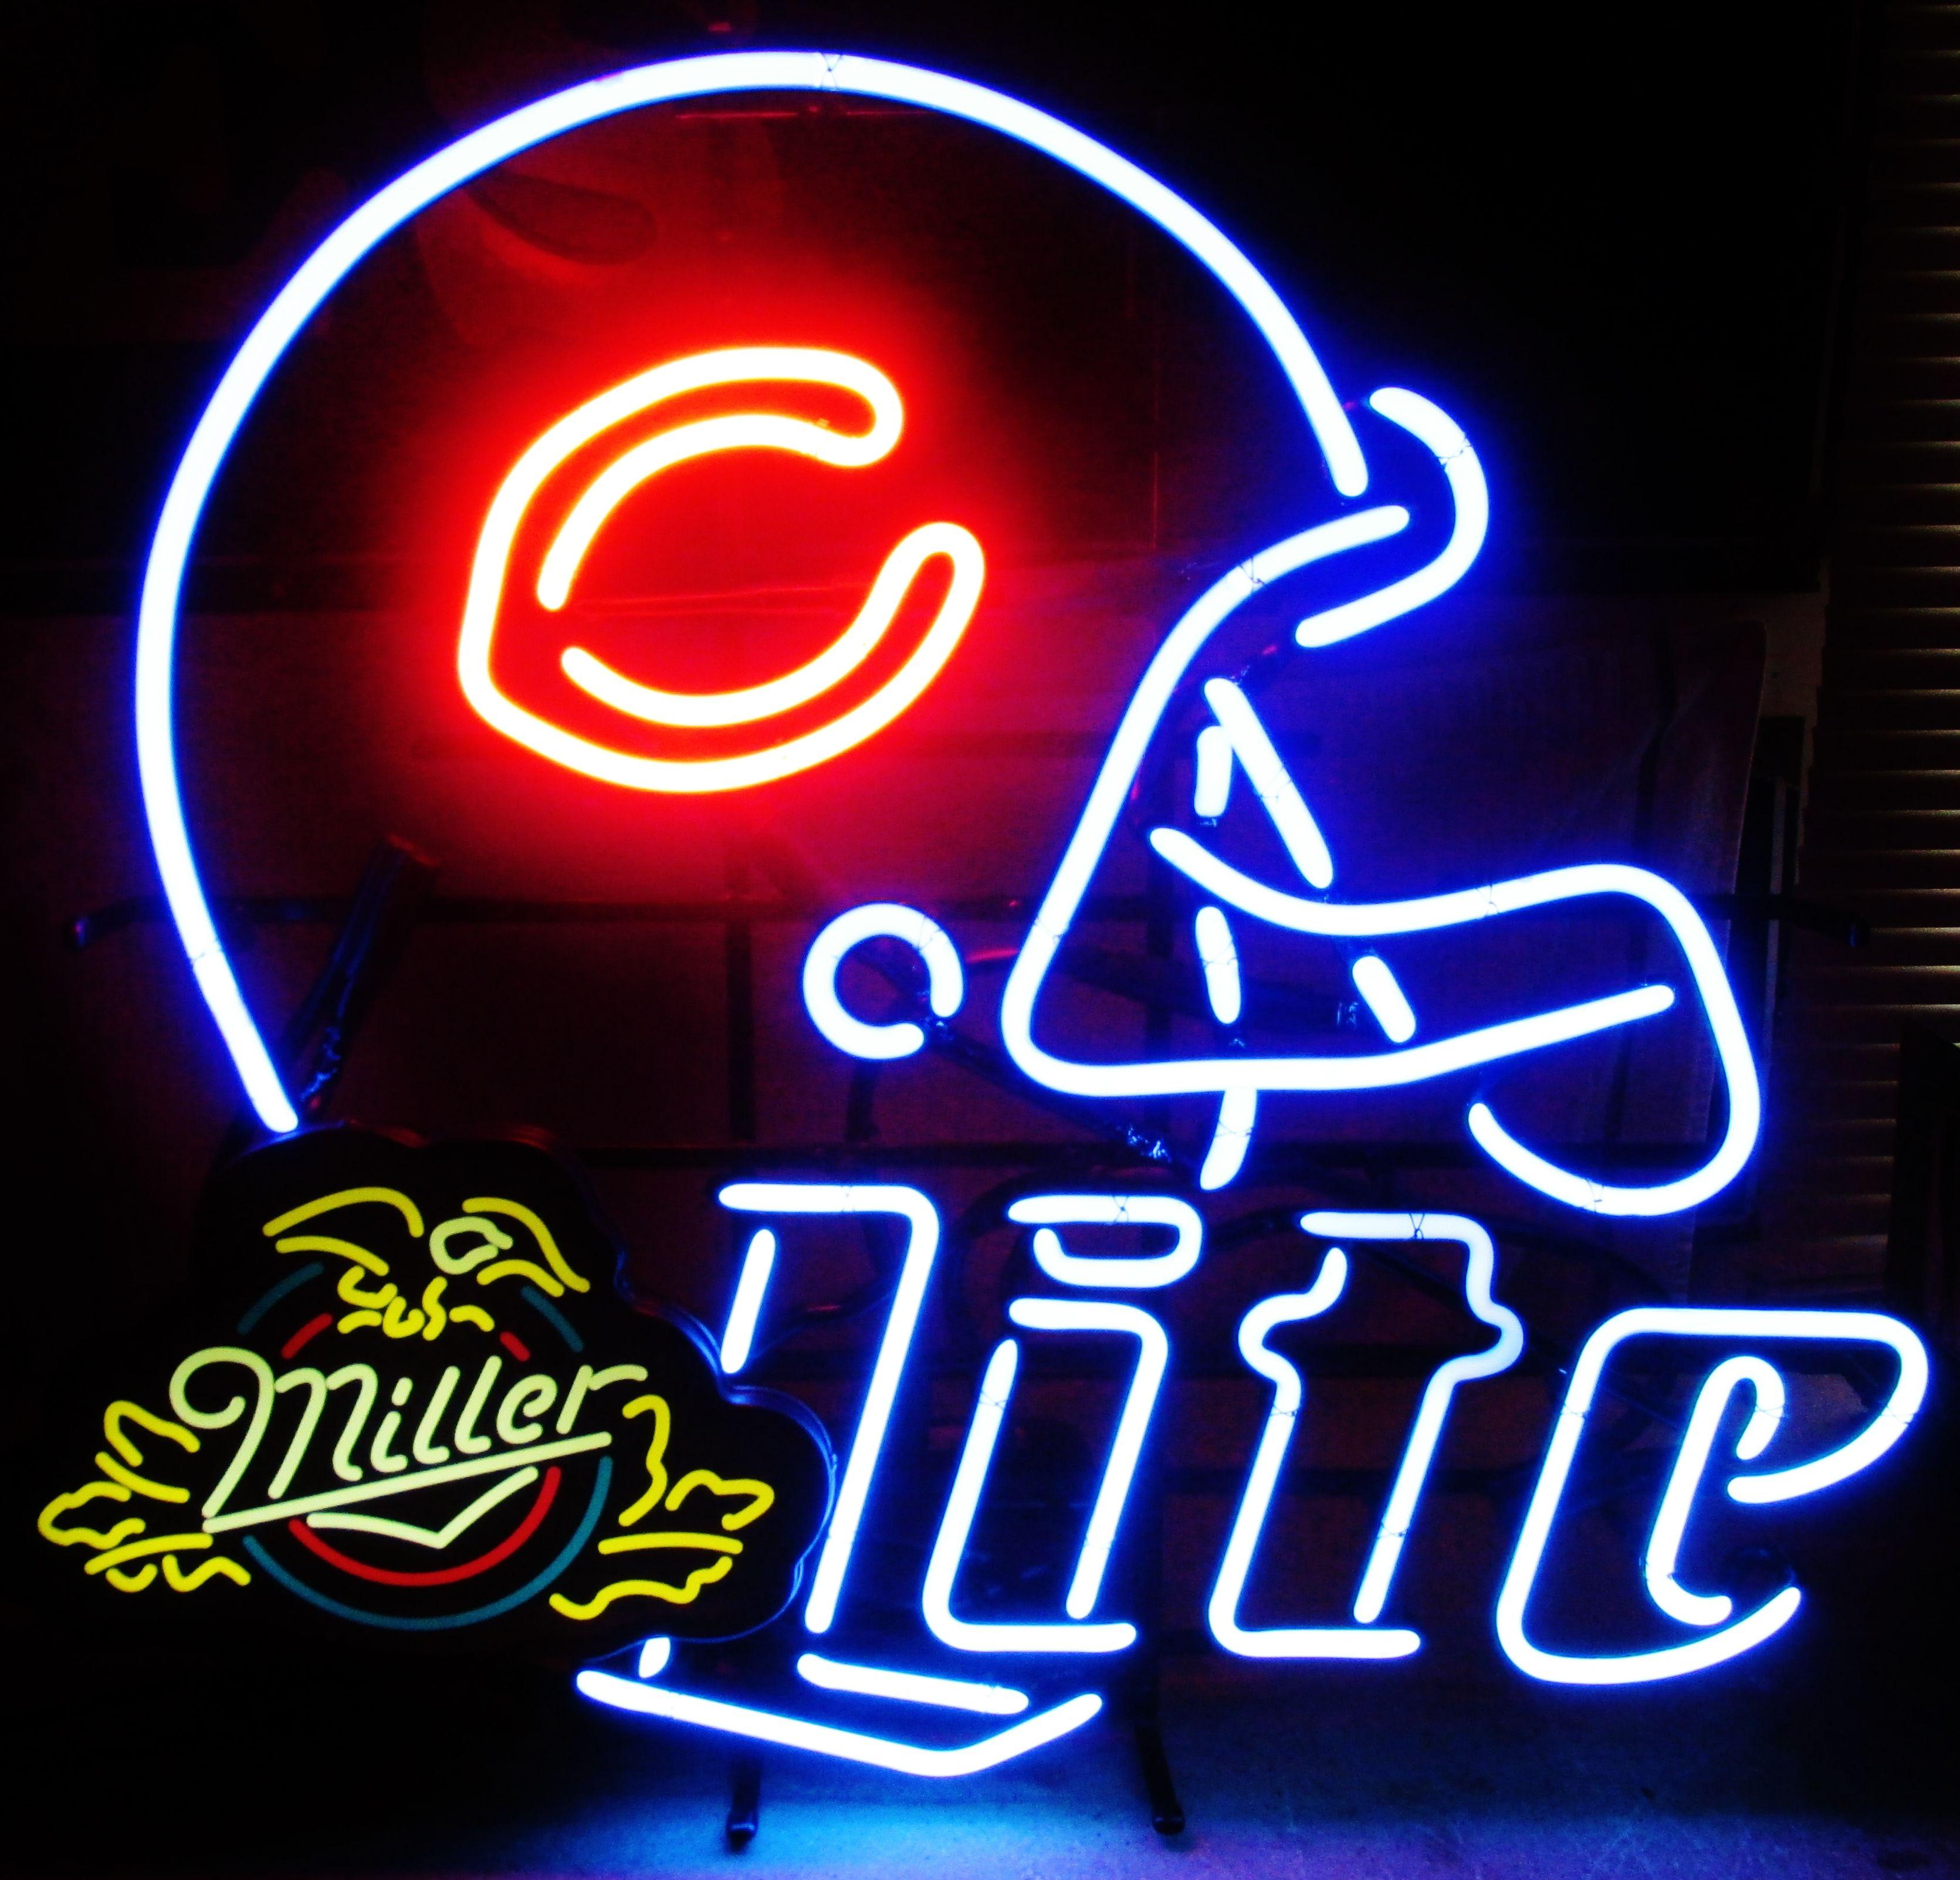 MILLER LITE CHICAGO BEARS Neon Bar Sign, circa 2004 | Neon